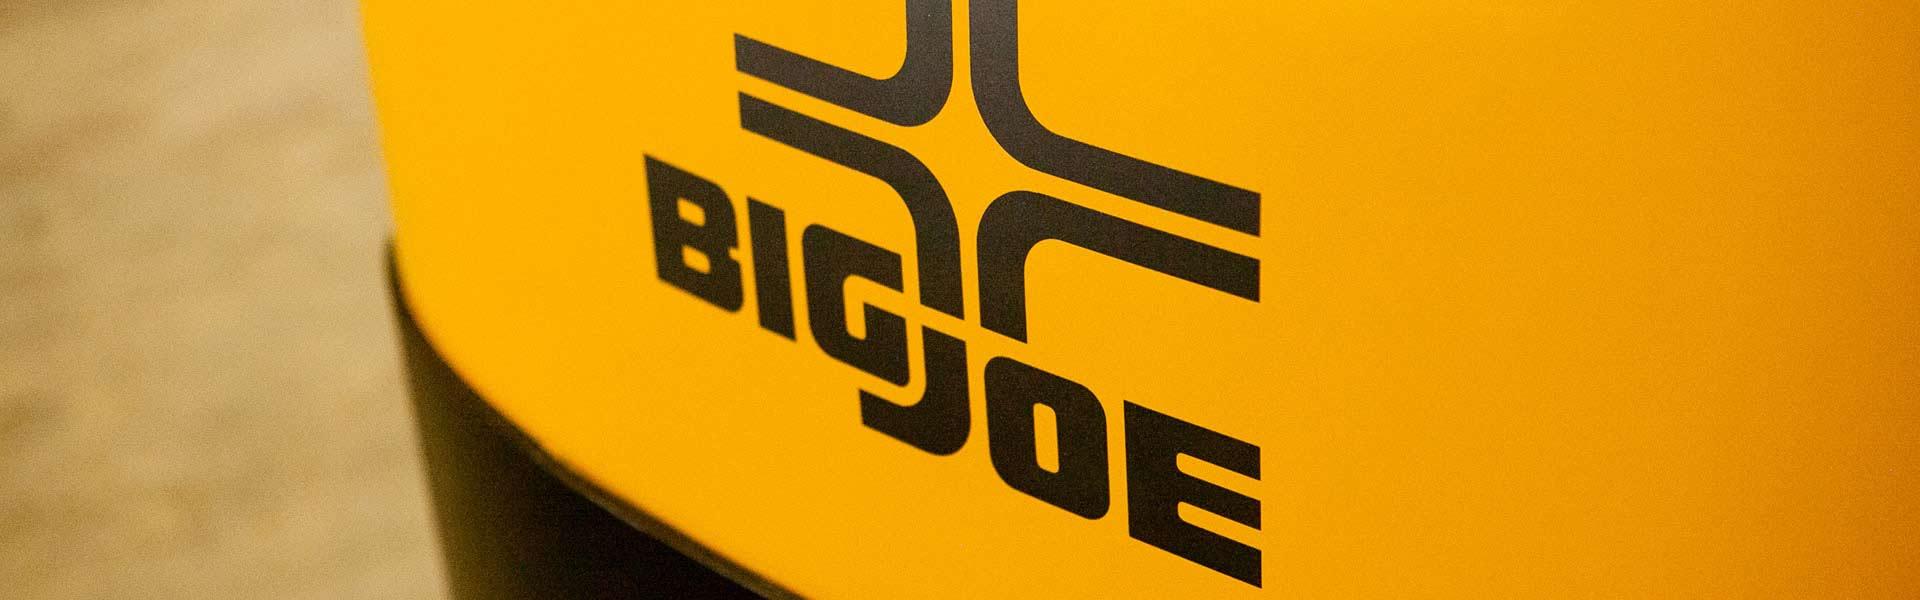 Big Joe Forklift Dealer NJ